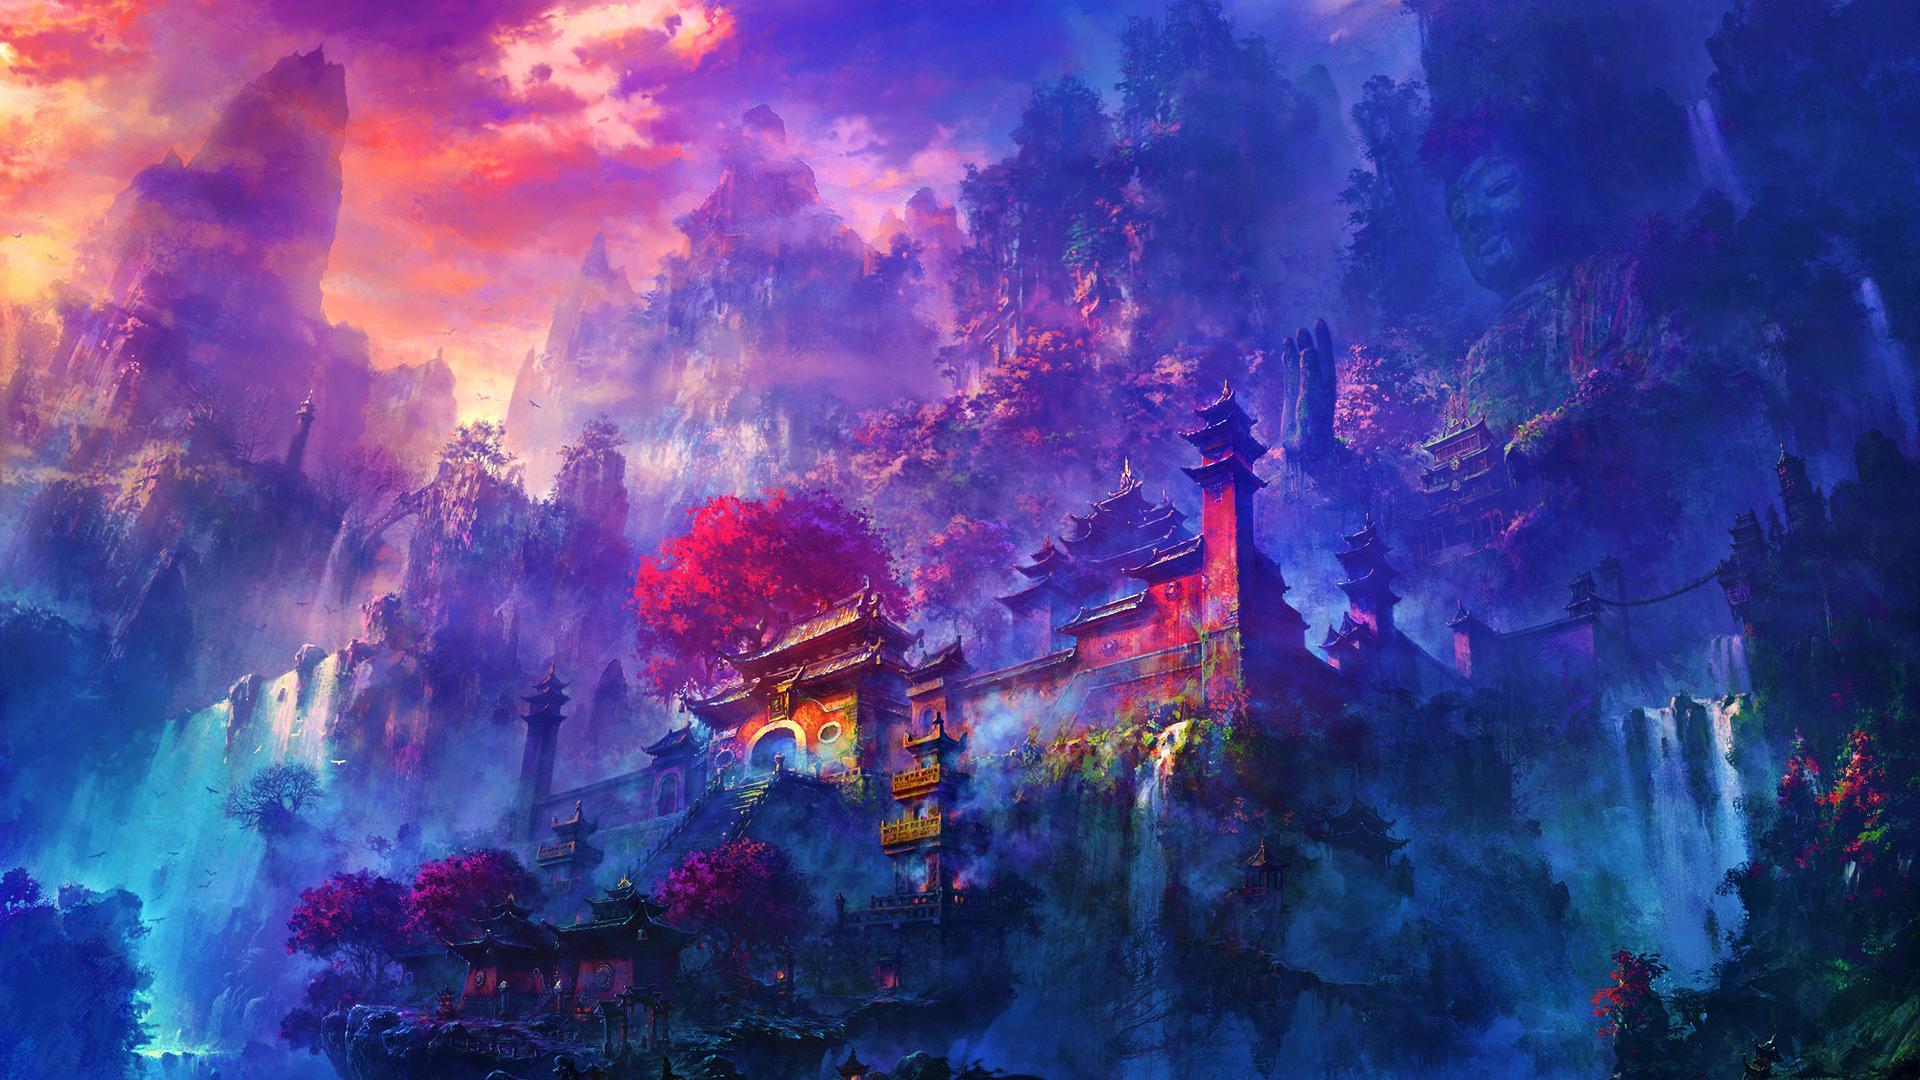 Cute Japanese Art 4k Wallpaper Oriental Mountain Temple Wallpaper Other Wallpaper Better